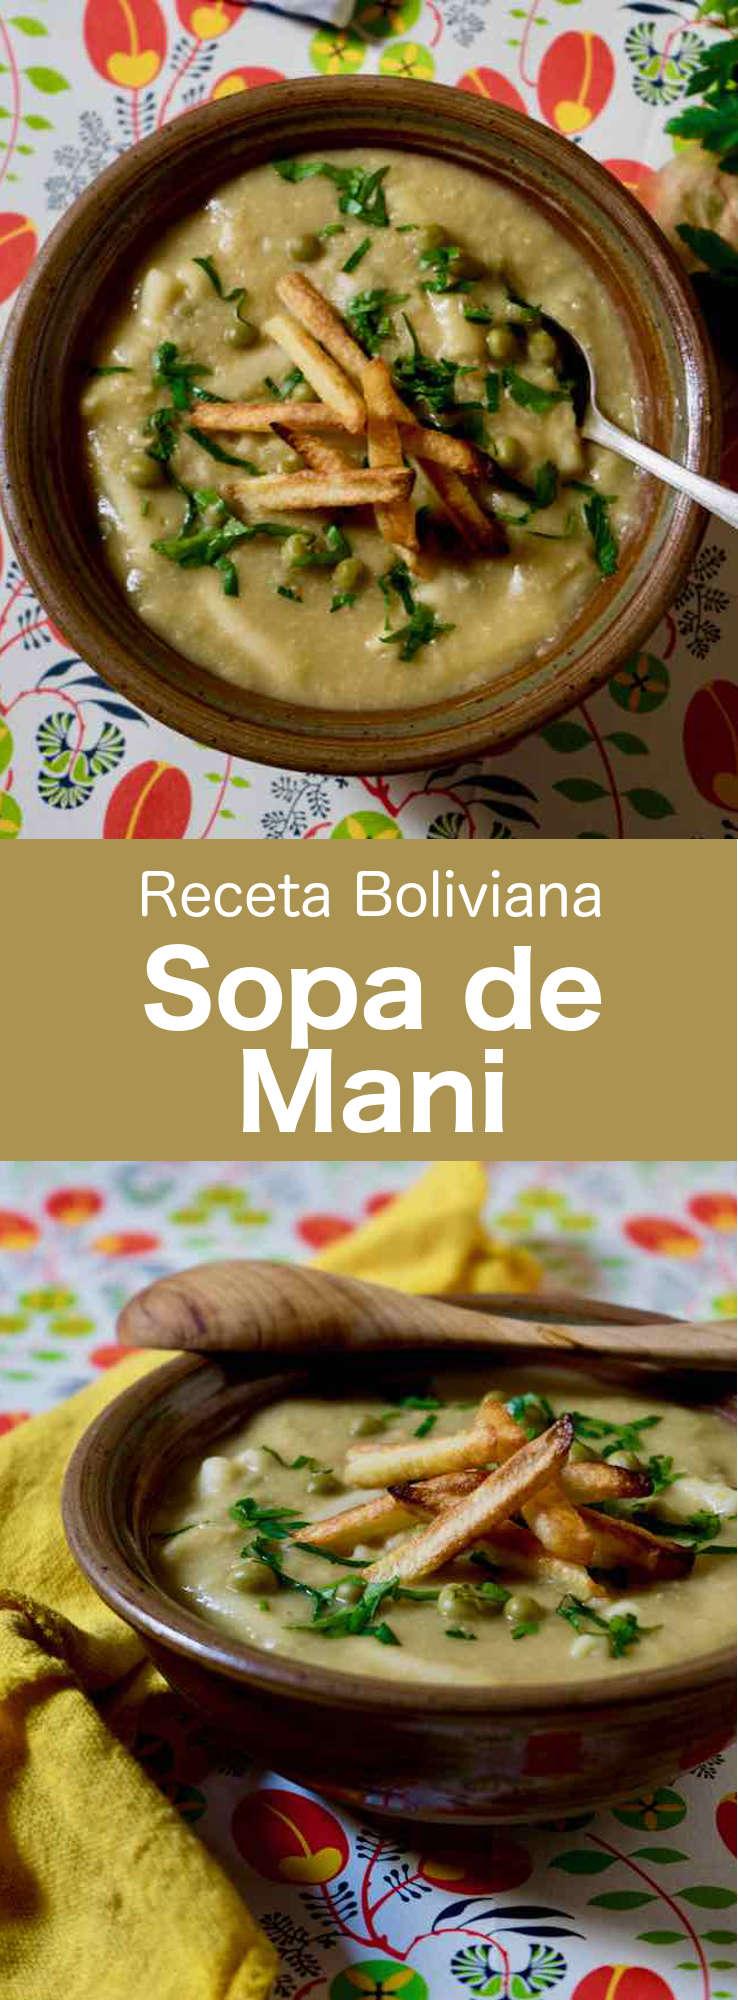 La sopa de maní es una de las sopas más deliciosas y tradicionales de Bolivia. Se prepara con maní, pasta, guisantes y patatas, y se acompaña con trozos de carne o pollo.